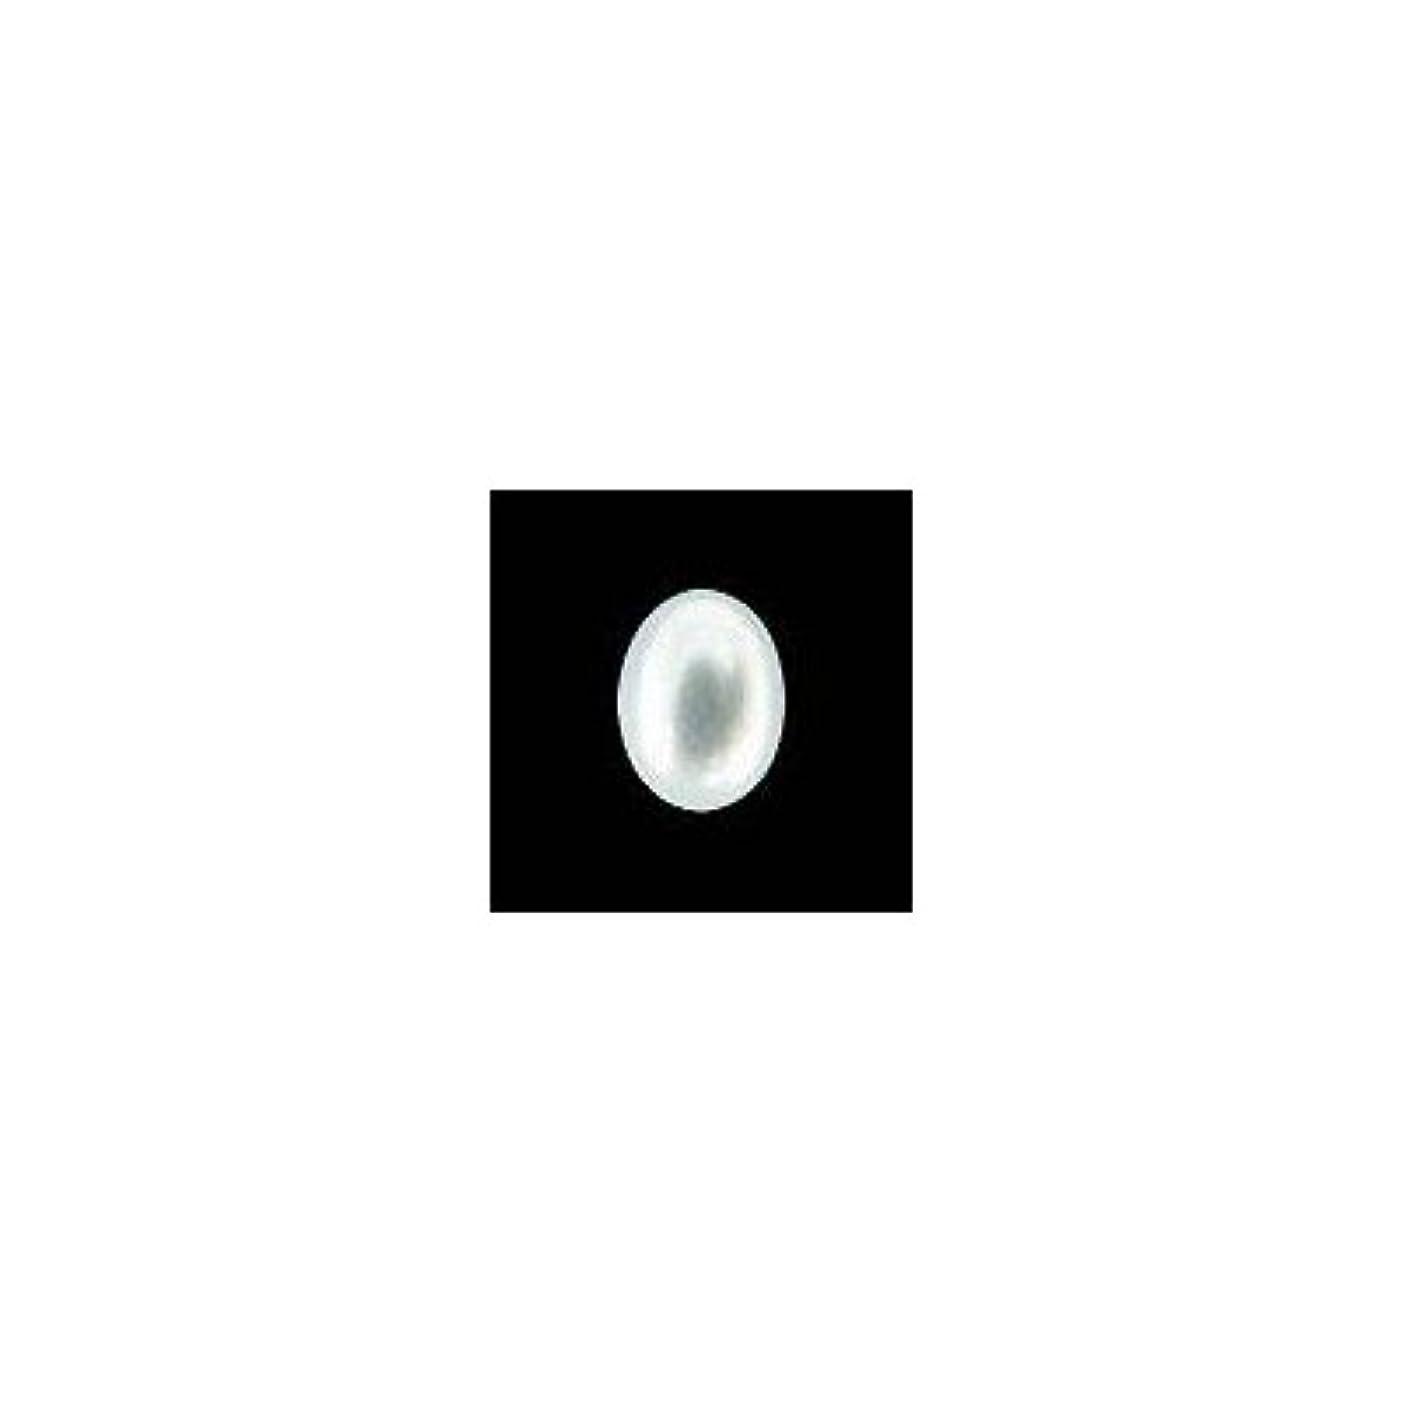 結婚式受け入れ目立つピアドラ 大粒パール オーバル(7×5)24P